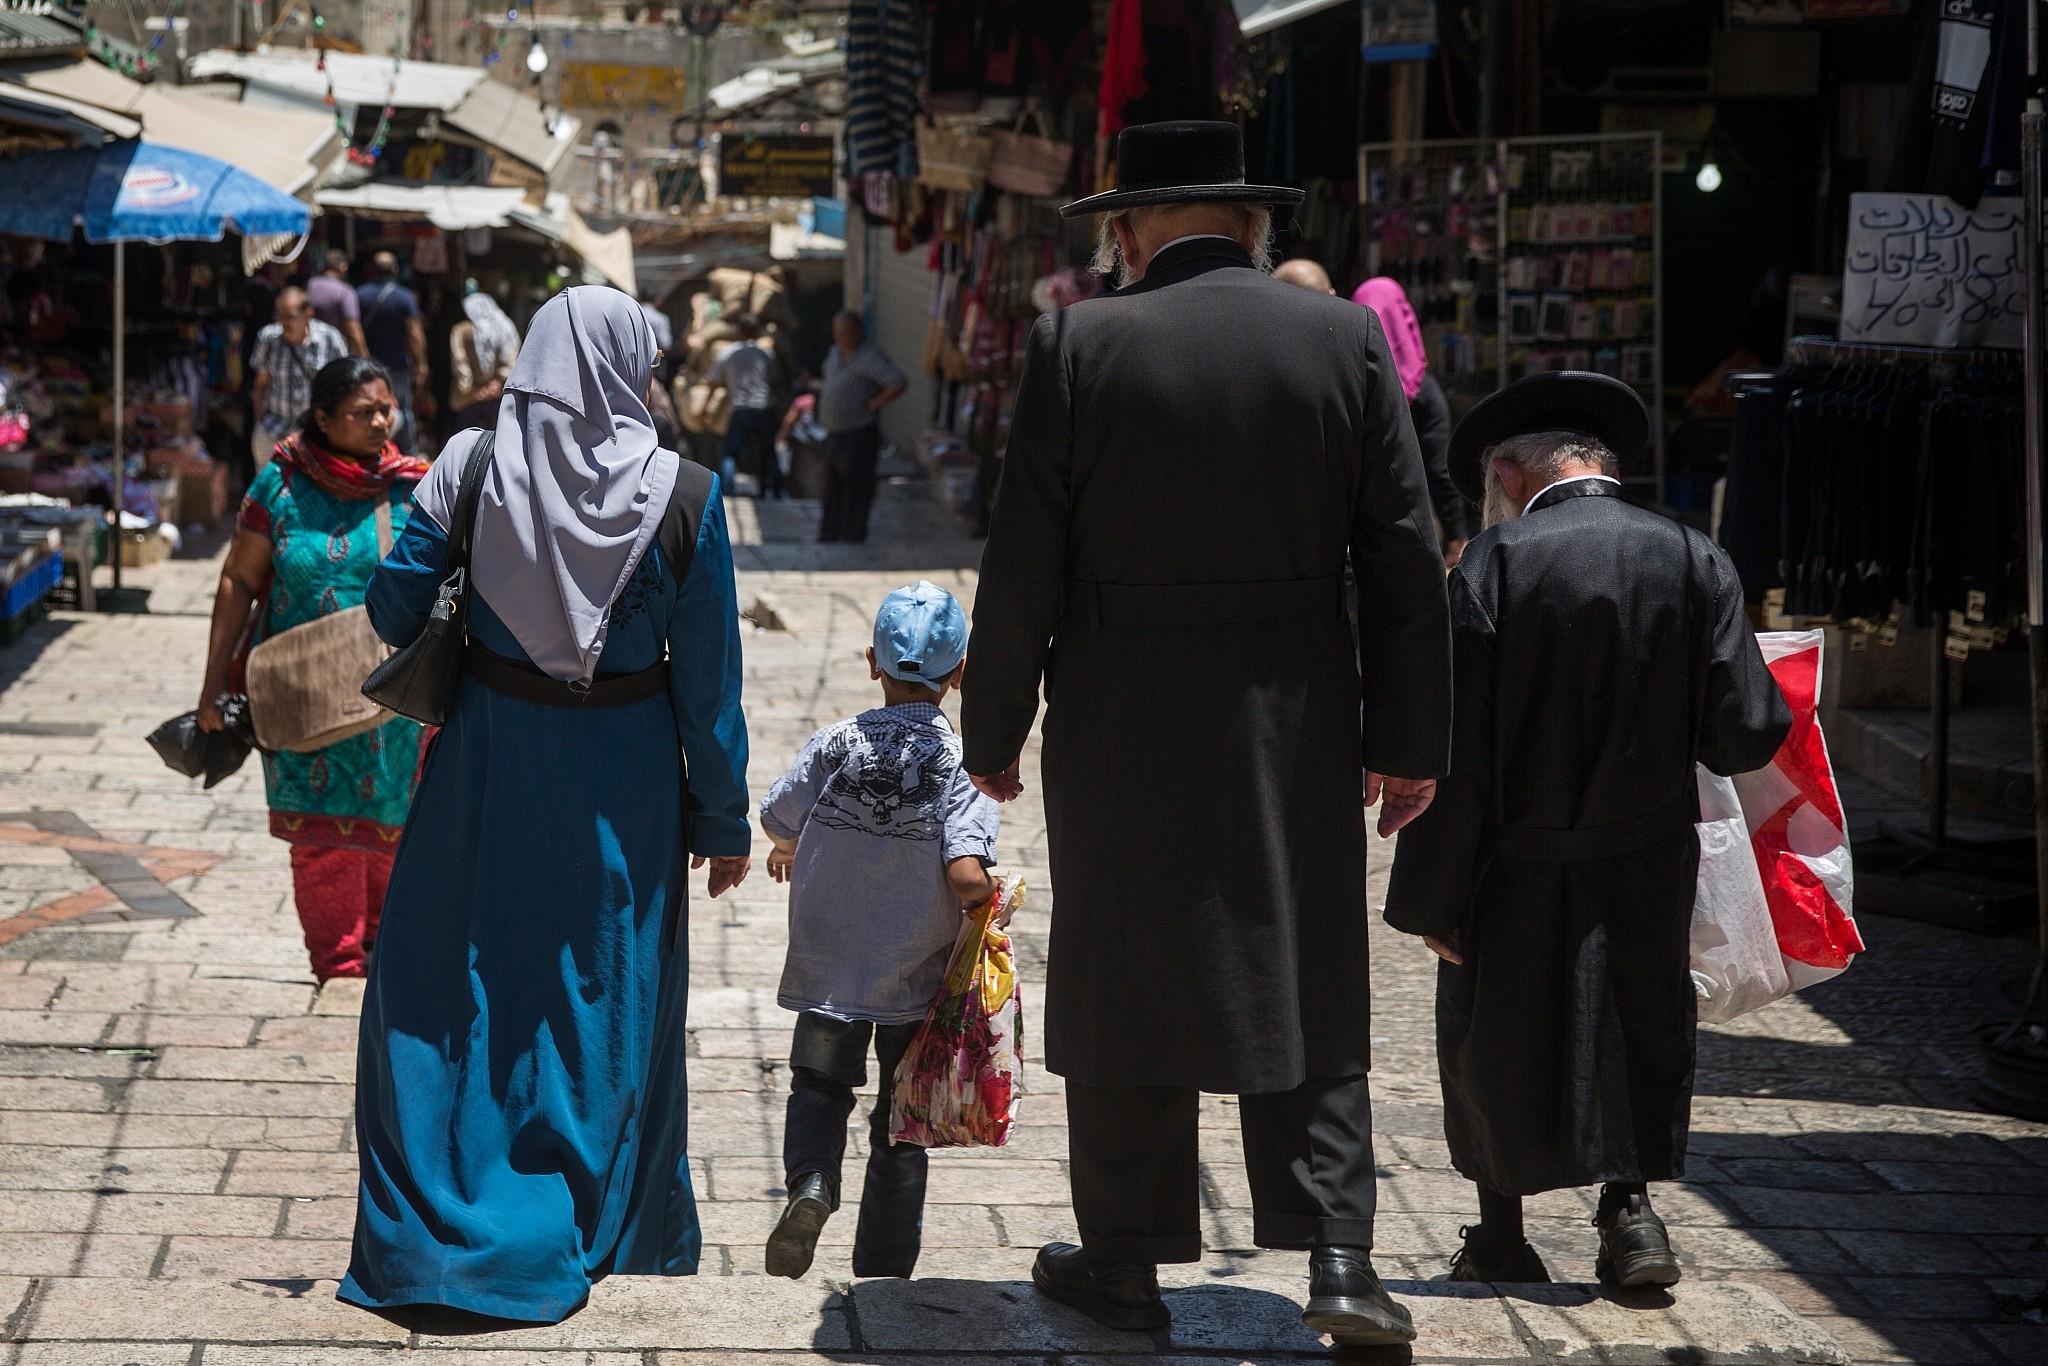 Csökkent Izrael zsidó lakosságának száma